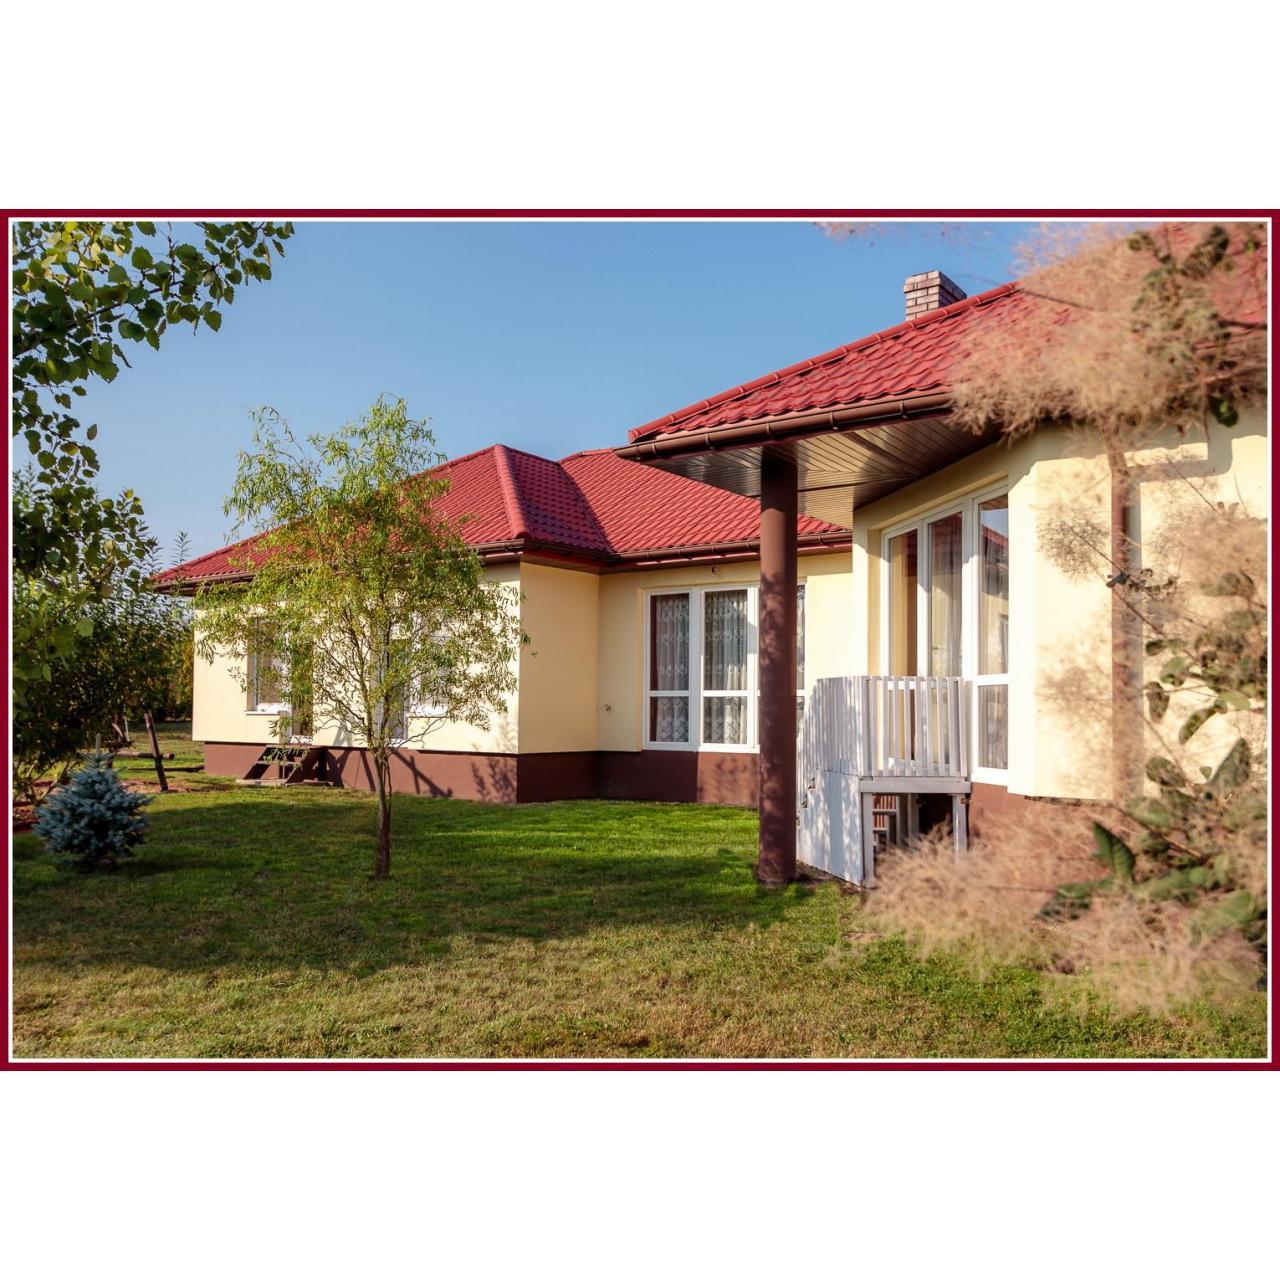 Atrakcyjna posiadłość koło Krzepic 1.5ha zagospodarowana